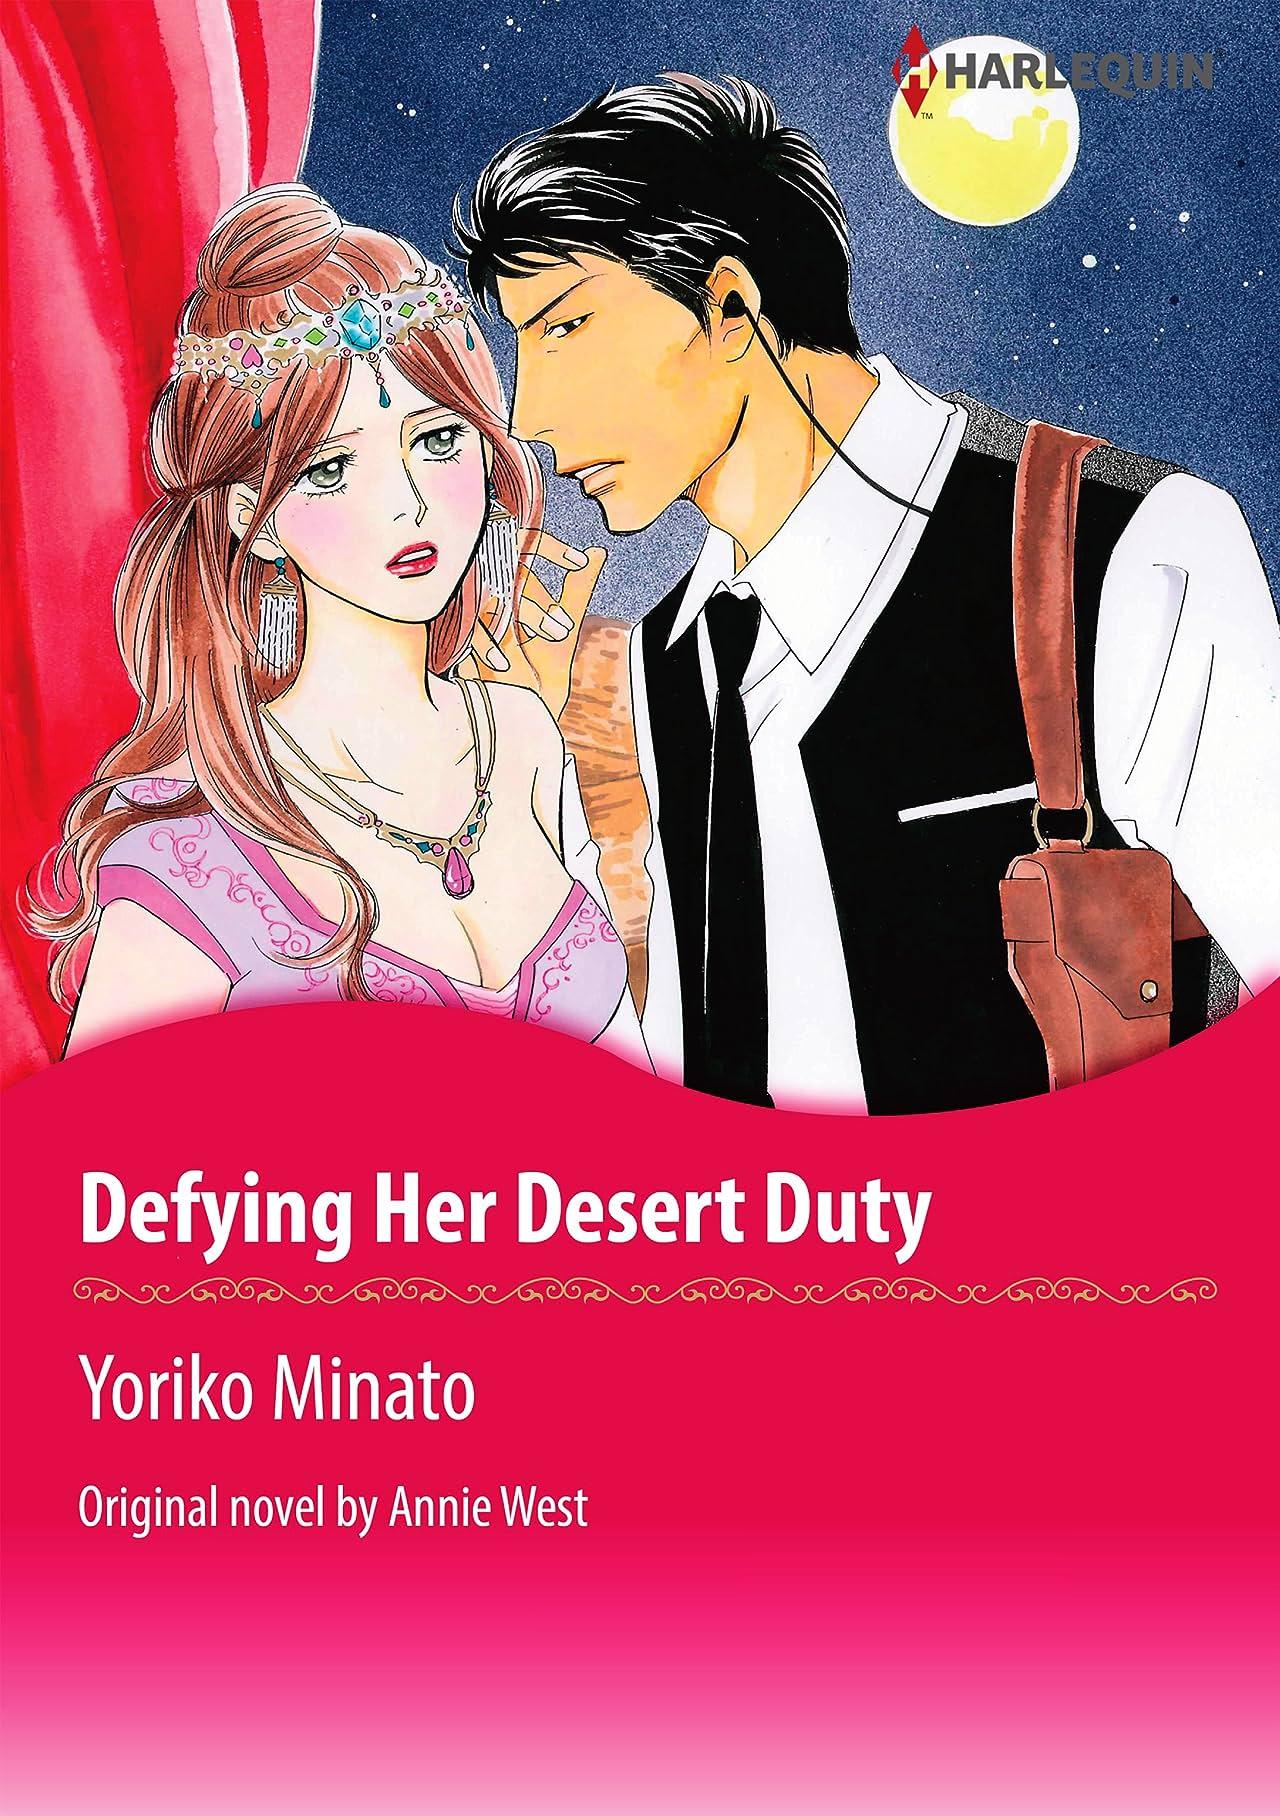 Defying Her Desert Duty